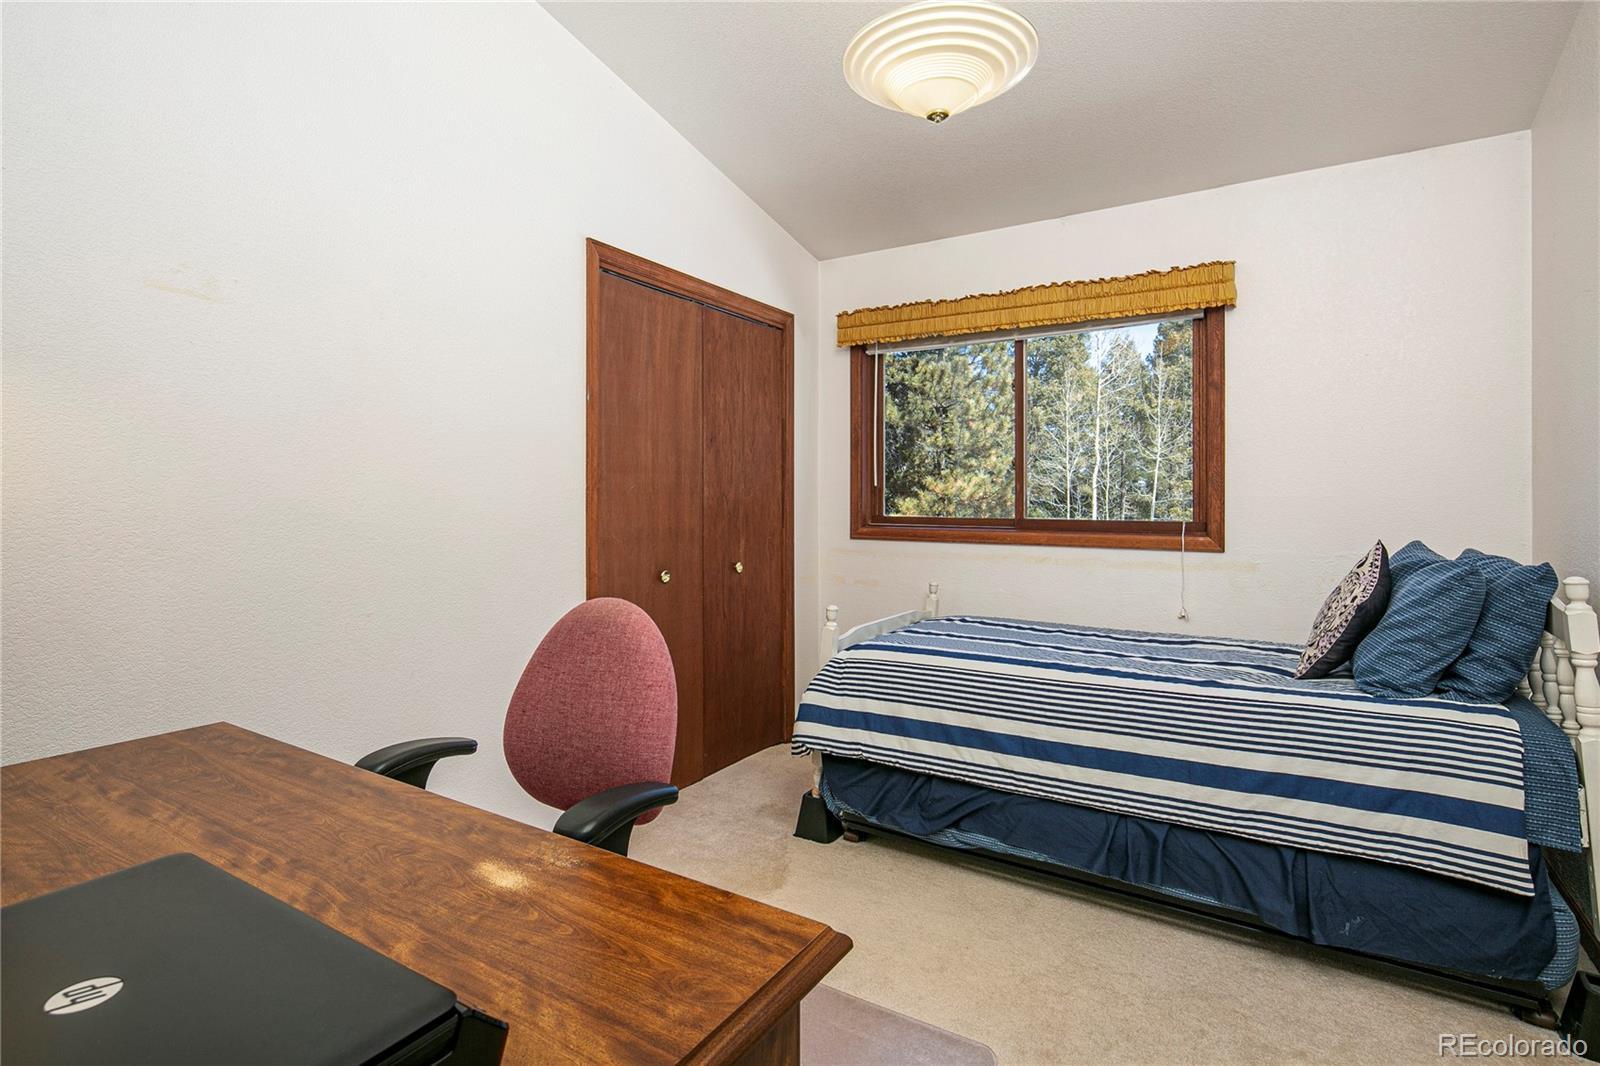 MLS# 3744542 - 23 - 13281 Callae Drive, Conifer, CO 80433